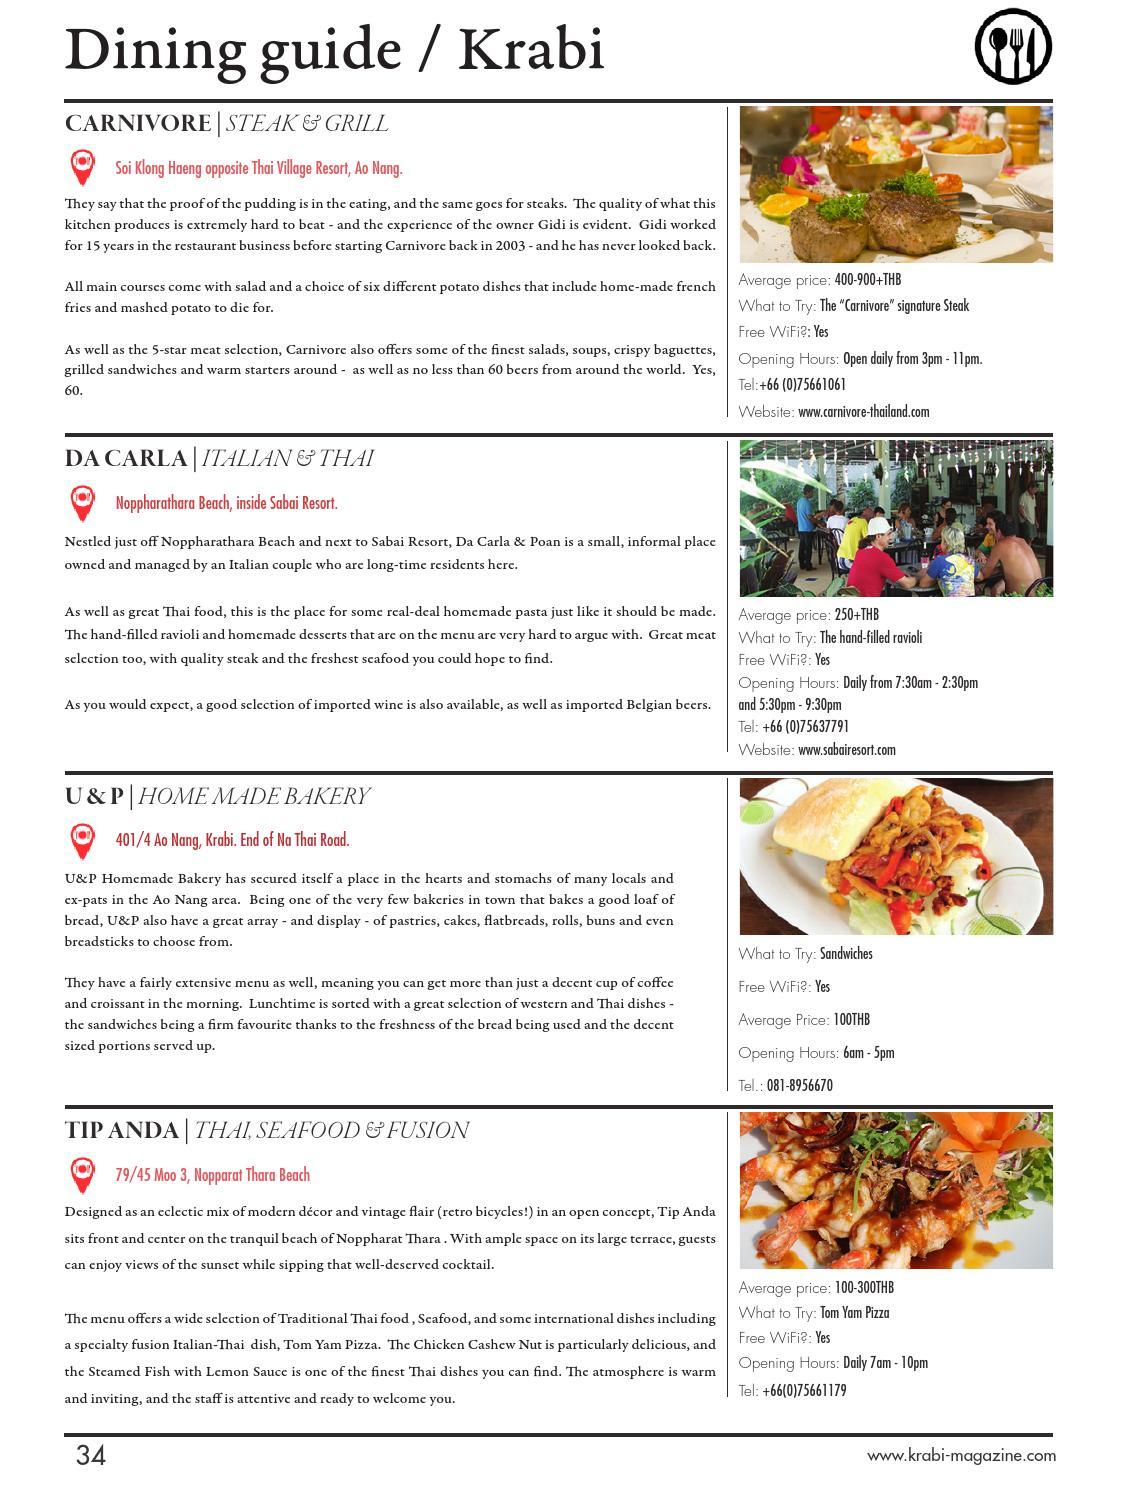 Krabi Magazine April May By Kitdee Media Design Co Ltd